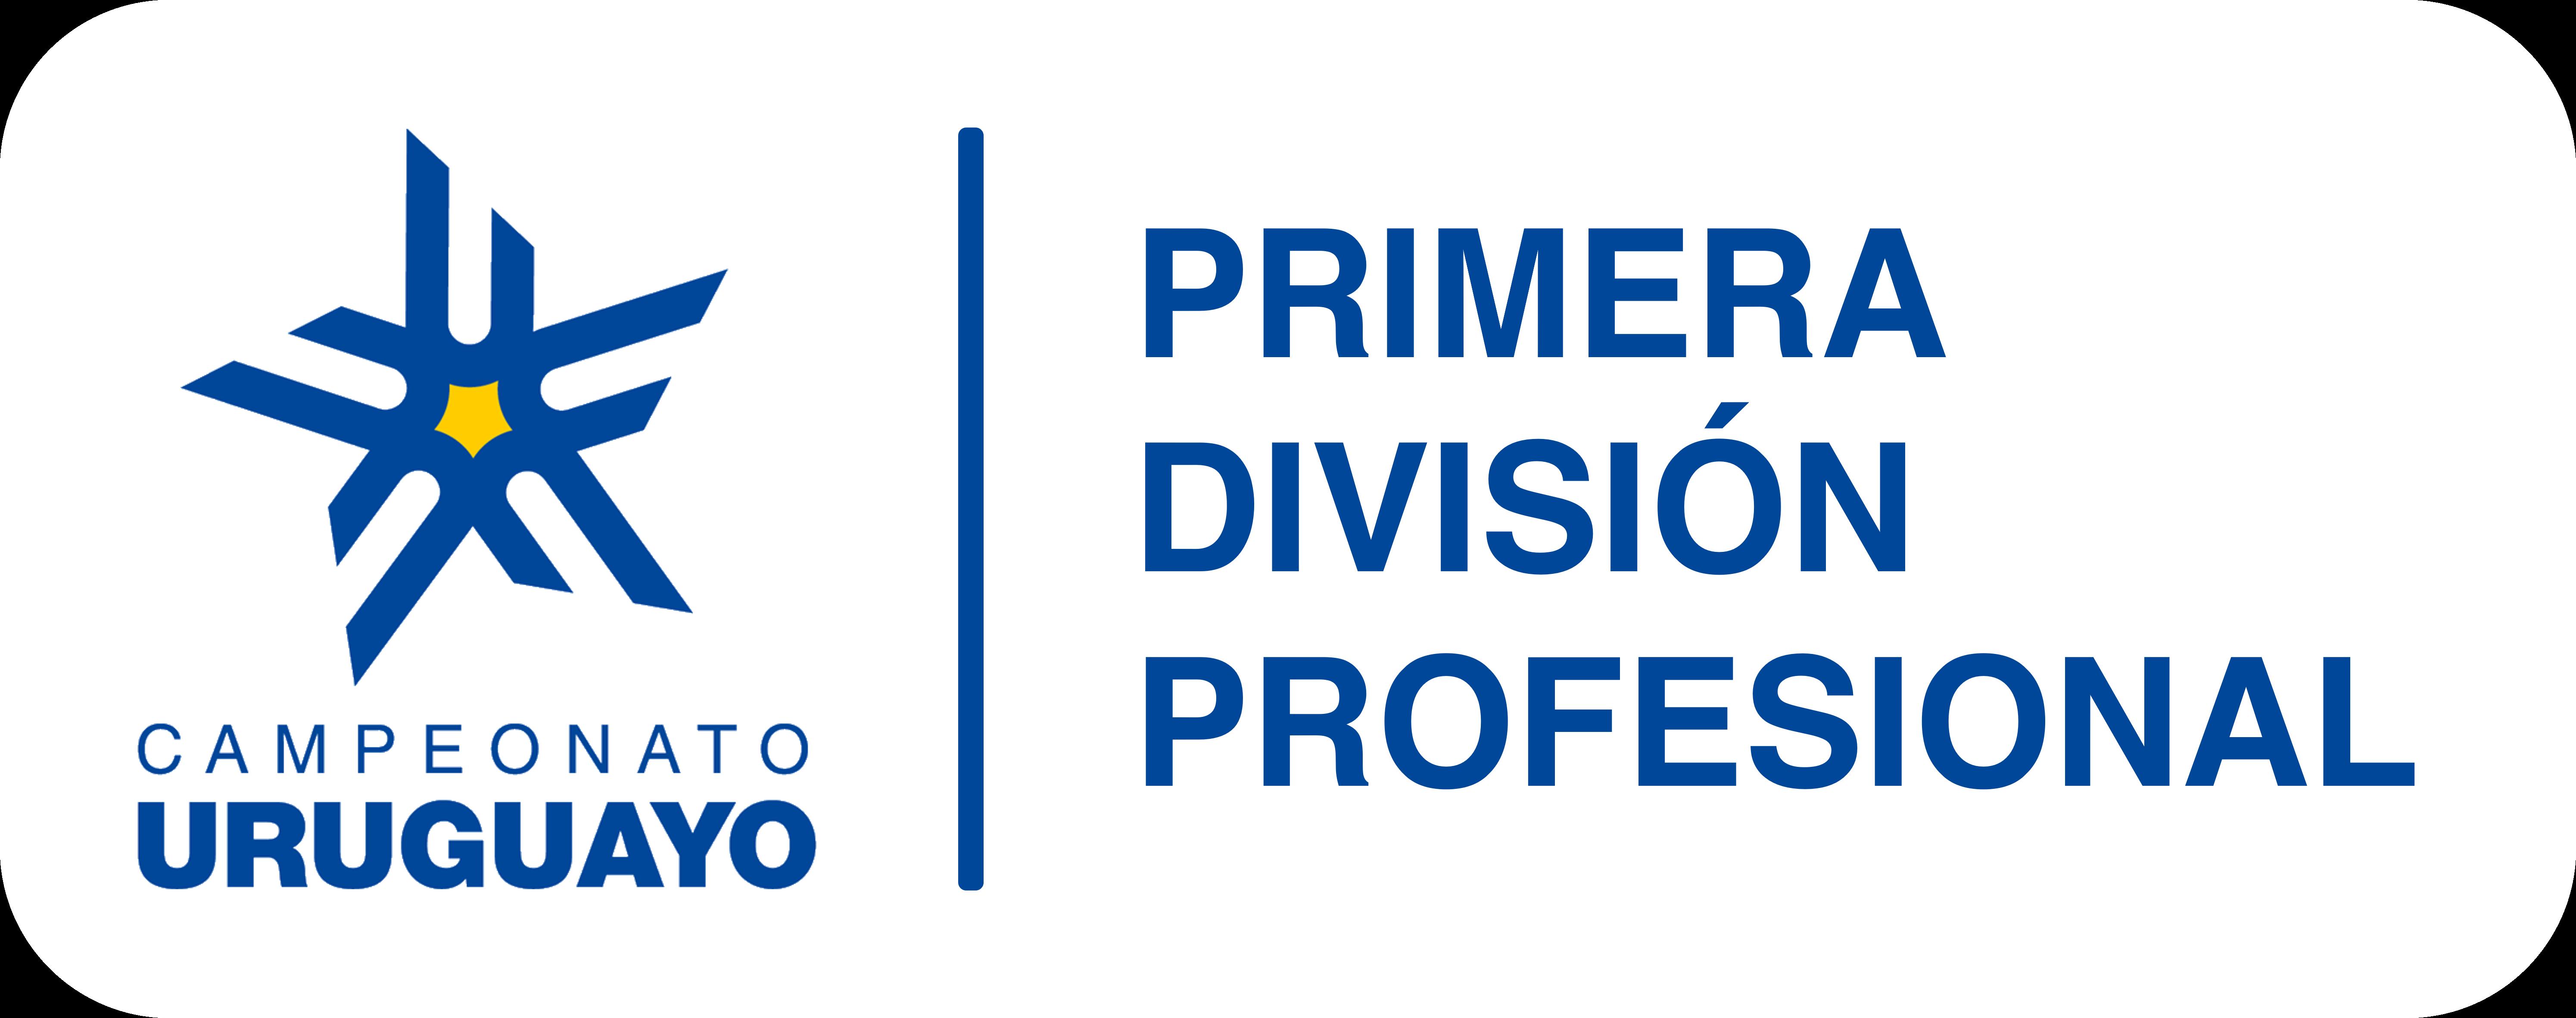 Calendario Futbol Primera Division.Campeonato Uruguayo De Primera Division 2019 Wikipedia La